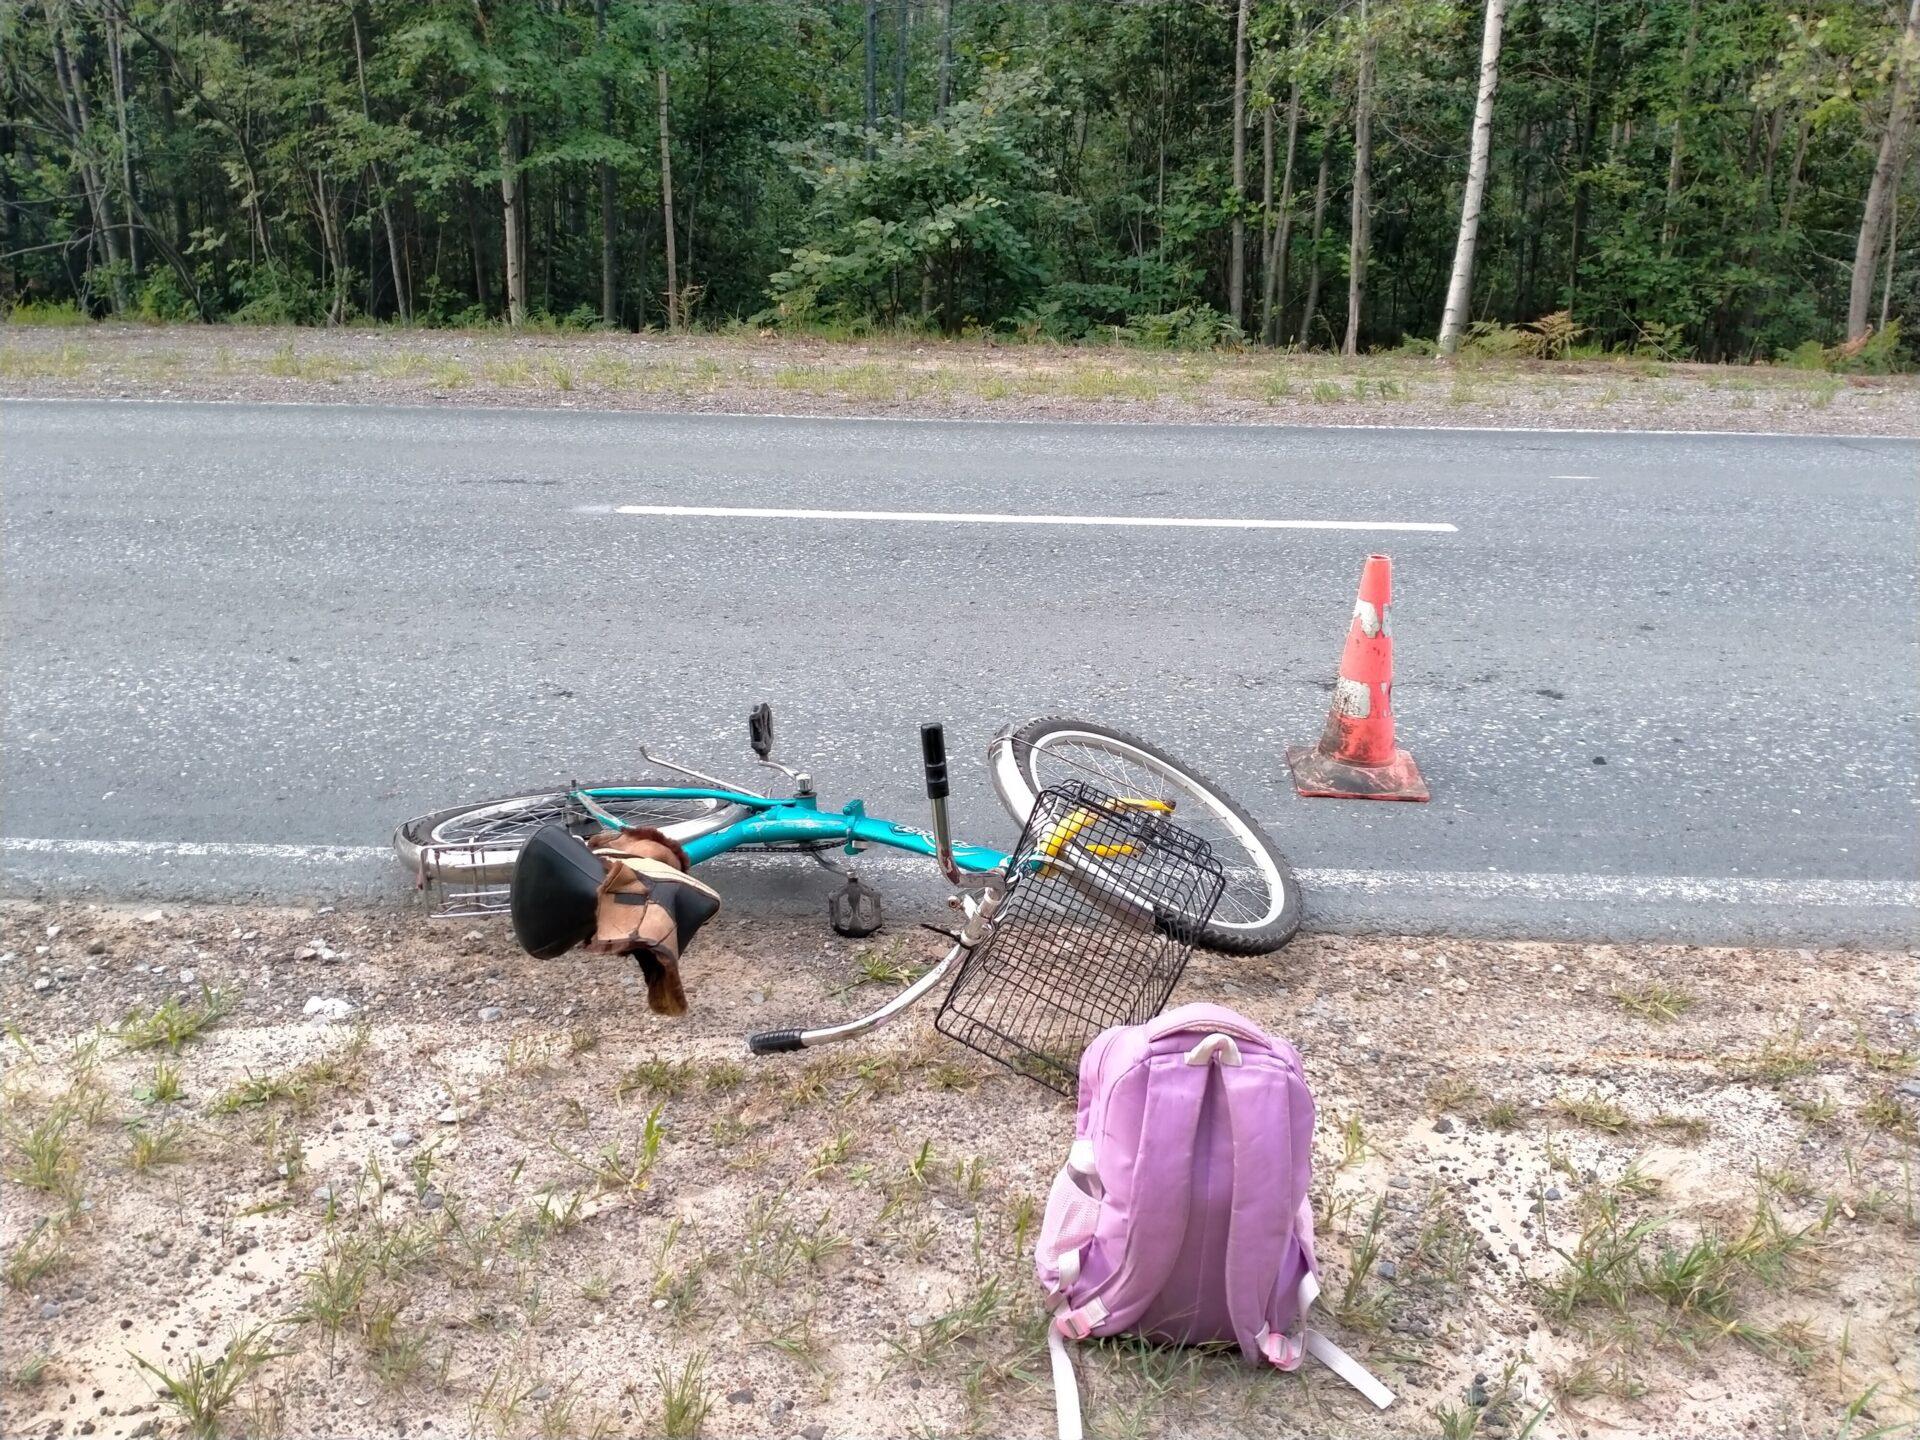 В Марий Эл идет розыск водителя, сбившего утром пожилую велосипедистку